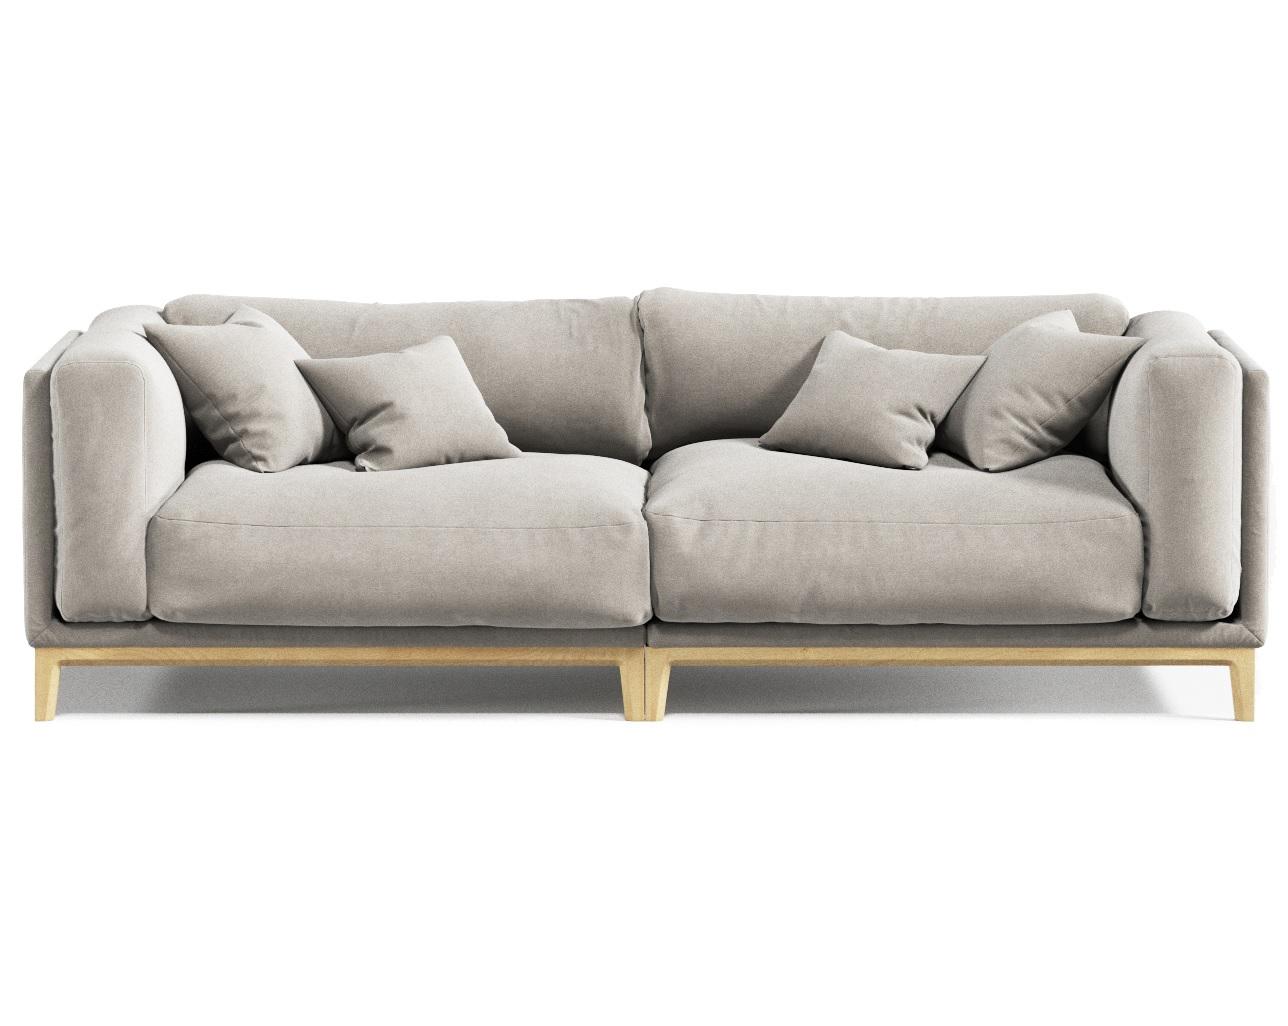 Диван Case 1Трехместные диваны<br>&amp;lt;div&amp;gt;Эта модель трехместного дивана подойдет в любые помещения благодаря модульной конструкции, современному дизайну и эргономичному наполнителю. Объемные подушки из прорезиненного пенополиуретана нескольких степеней жесткости вместе с удобной глубокой посадкой создают необычайно комфортную зону отдыха и легко восстанавливают форму.&amp;lt;br&amp;gt;&amp;lt;/div&amp;gt;&amp;lt;div&amp;gt;&amp;lt;br&amp;gt;&amp;lt;/div&amp;gt;&amp;lt;div&amp;gt;Все чехлы съемные, их легко стирать. Диваны не имеют оборотной стороны и могут устанавливаться в центре помещения. В комплекте с диваном поставляются декоративные подушки.&amp;amp;nbsp;&amp;lt;div&amp;gt;Диван Case доступен к заказу в нескольких категориях ткани и с 5 вариантами тонировки ножек. Кроме того, возможен заказ дивана Case в индивидуальном размере и в собственной ткани.&amp;lt;/div&amp;gt;&amp;lt;div&amp;gt;Вы можете выбрать любой цвет обивки из палитры. В категории 1 цена без изменения. Категории 2 и 3 цена по запросу у менеджера.&amp;amp;nbsp;&amp;lt;div&amp;gt;Также возможны нестандартные варианты сочетания обивки и отделки дивана. Гарантия на изделия составляет 3 года.&amp;lt;/div&amp;gt;&amp;lt;/div&amp;gt;&amp;lt;/div&amp;gt;<br><br>Material: Текстиль<br>Ширина см: 248<br>Высота см: 80<br>Глубина см: 94